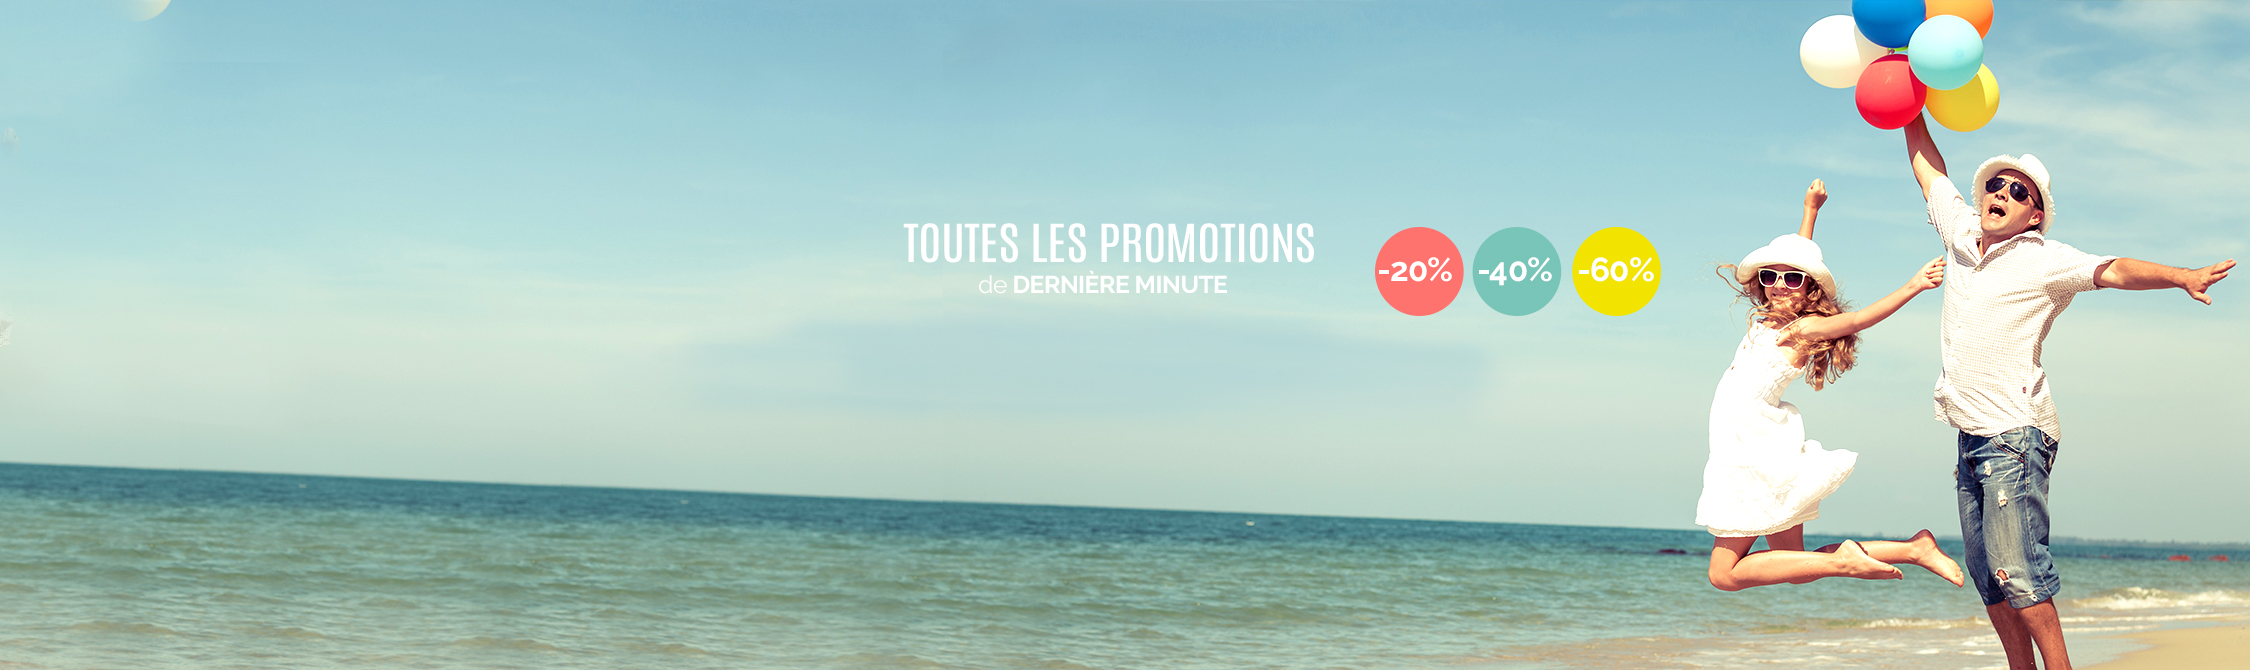 Offre Spéciale Maeva - Club - de - vacances - location-vacances - plage-mer - sejours-packages - week-end - ski - courts-sejours